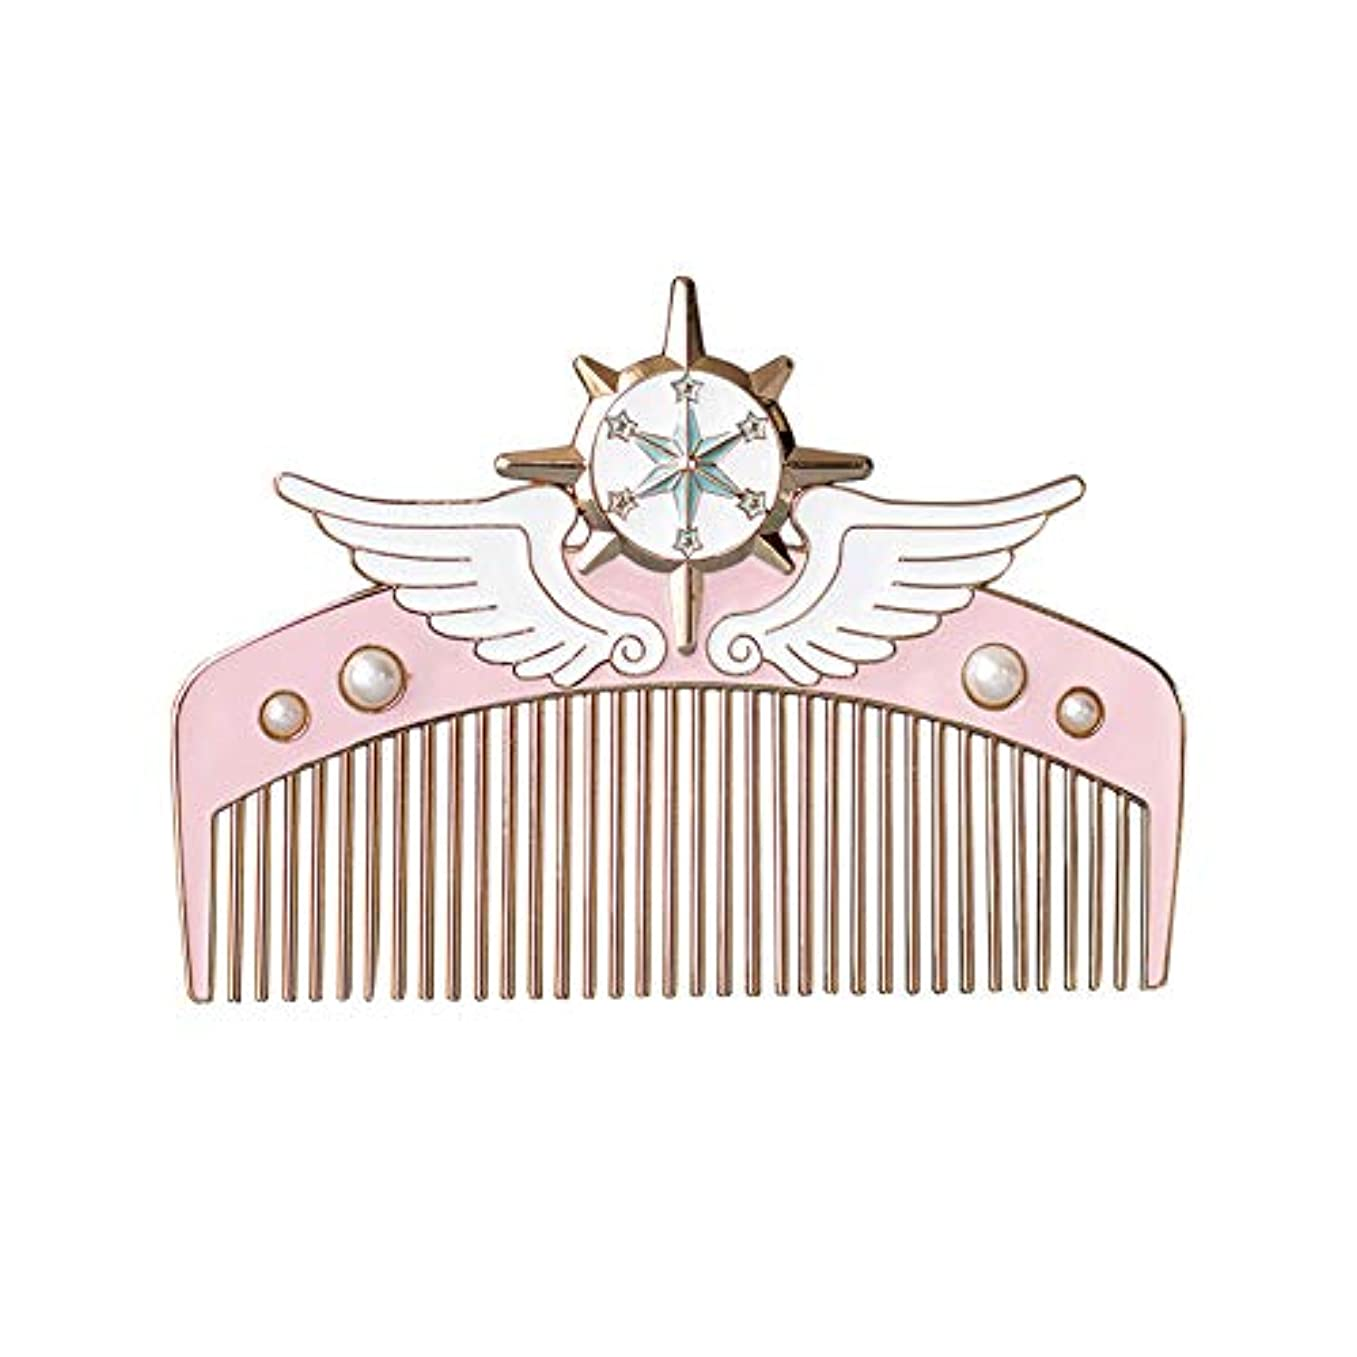 時間とともに背が高い熟練したライフ小屋 櫛 ヘアブラシ カードキャプターさくら セーラームーン 可愛い ピンク 細歯 夢の杖櫛 半月形 ヘアブラシ 子供の髪 贈り物 プレゼント